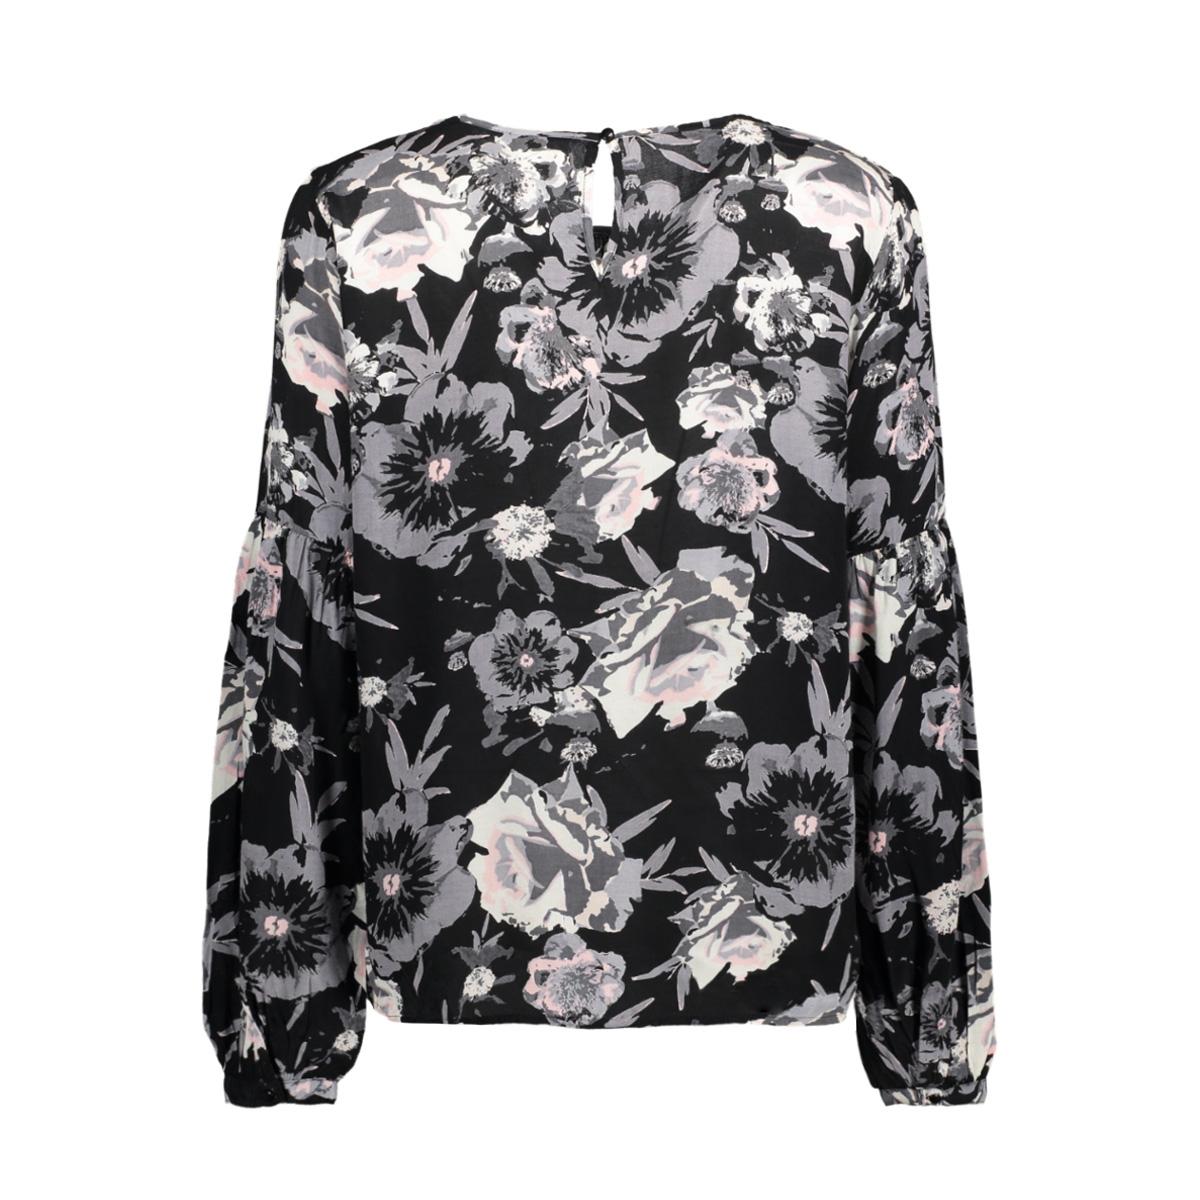 viastha l/s top 14044806 vila t-shirt black/black comb